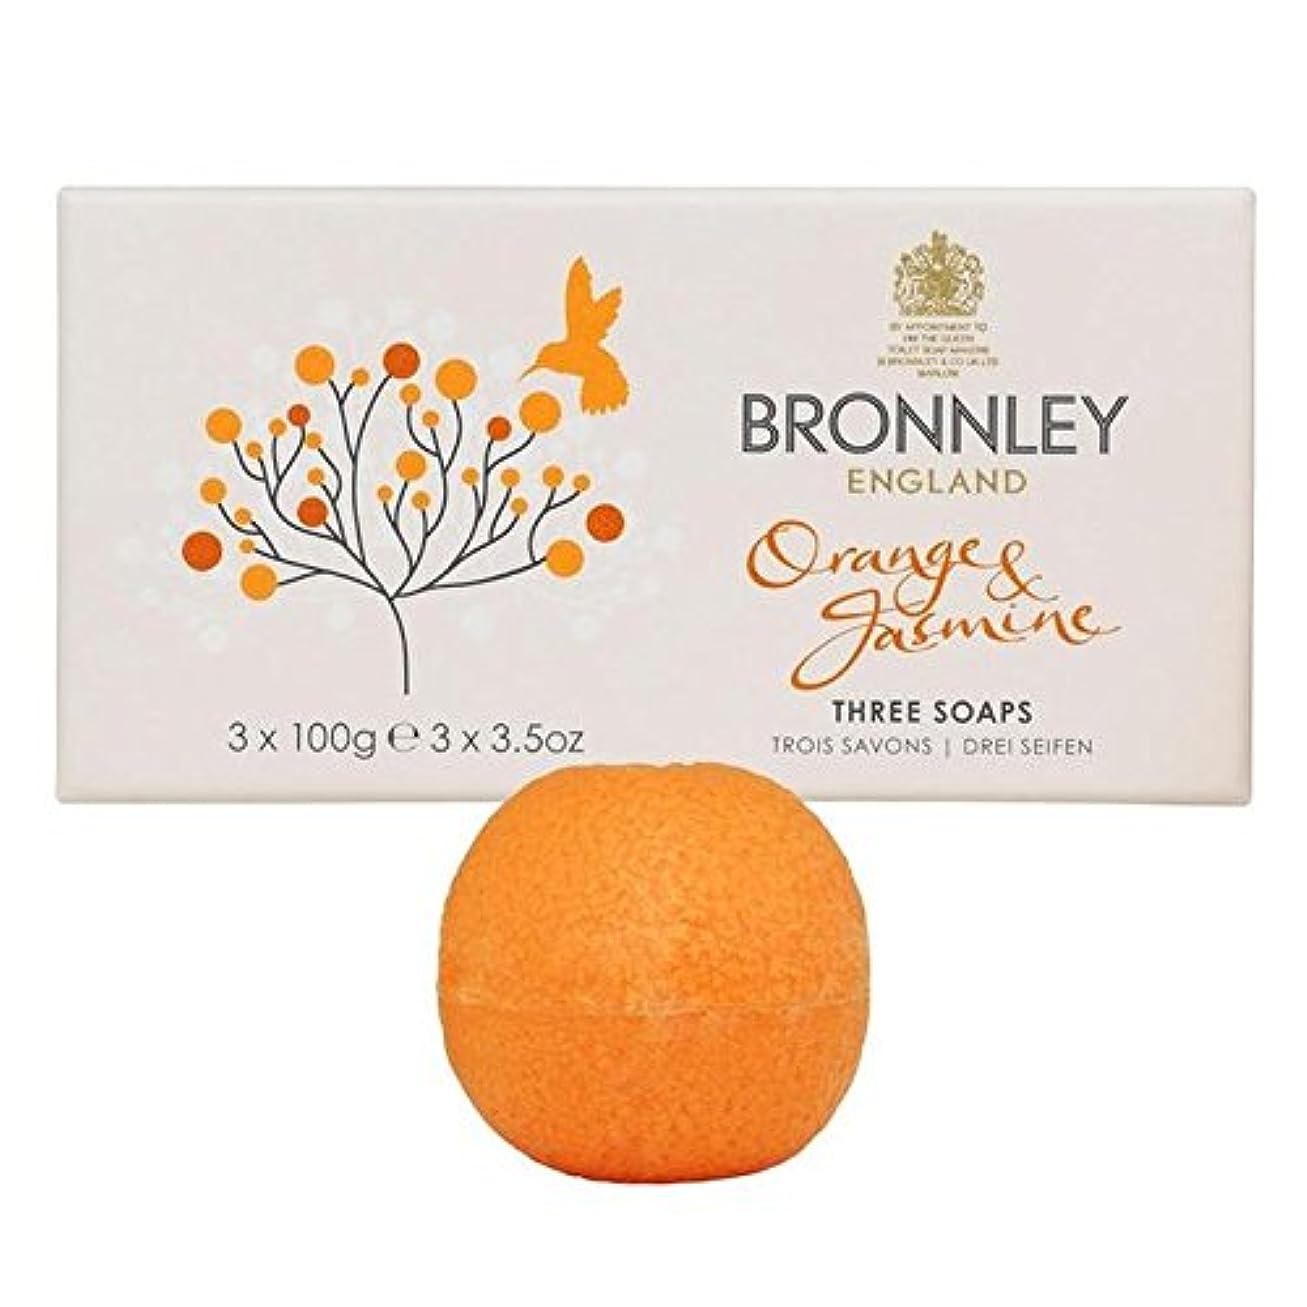 オレンジ&ジャスミン石鹸3×100グラム x2 - Bronnley Orange & Jasmine Soaps 3 x 100g (Pack of 2) [並行輸入品]